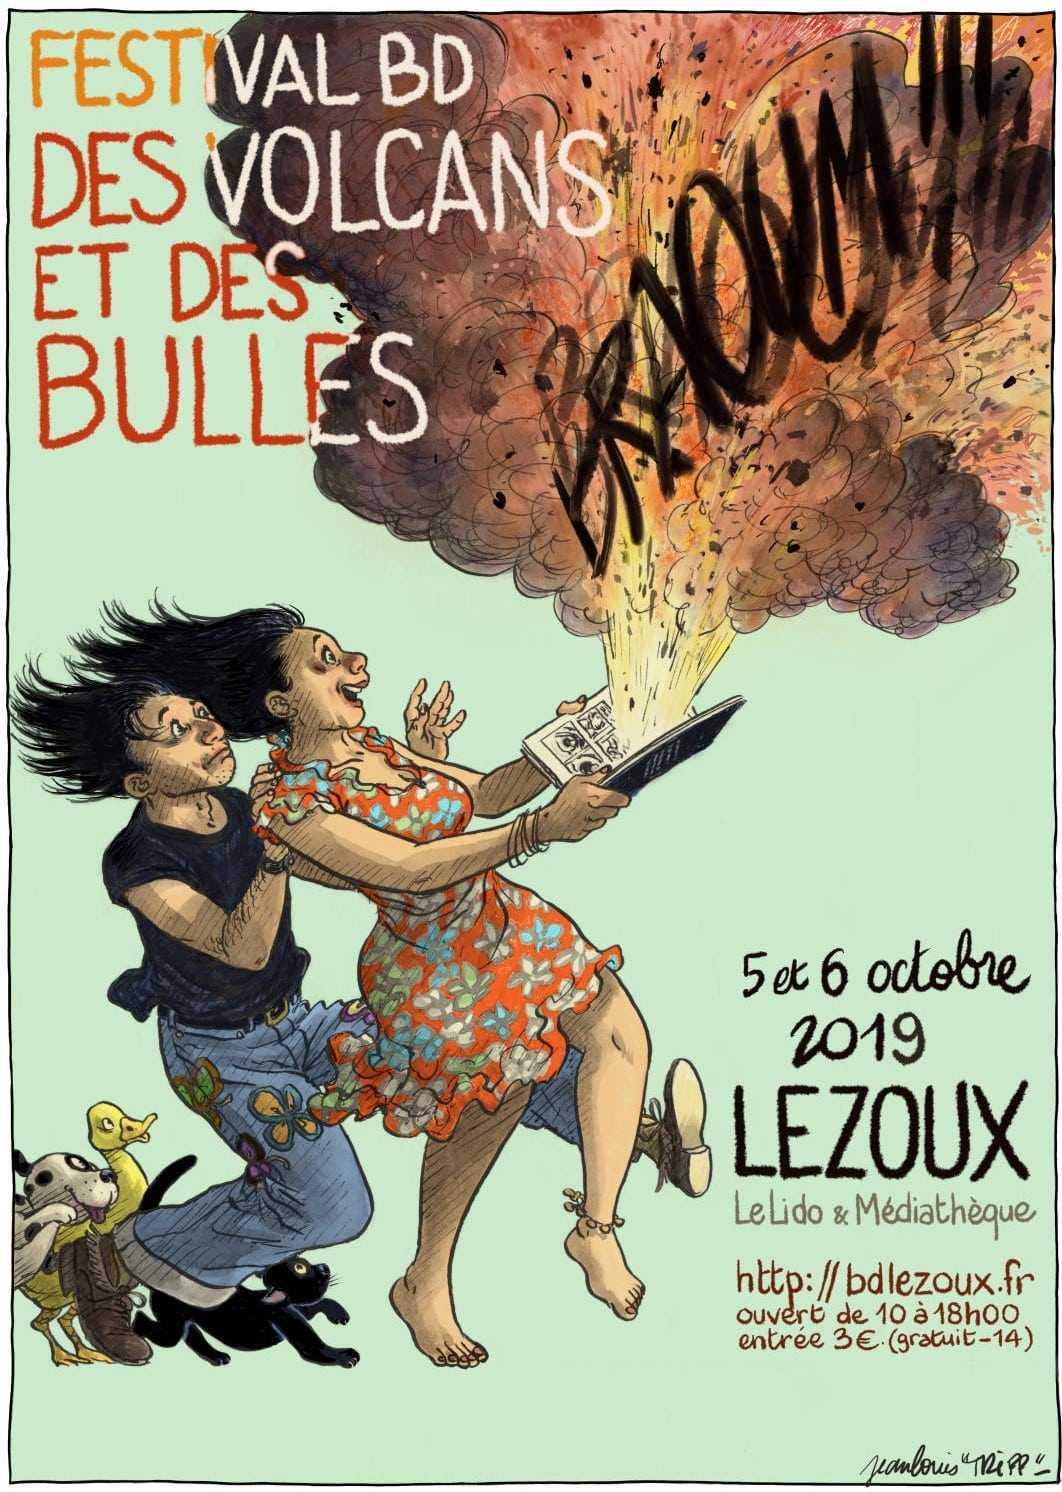 Des Volcans et des bulles, c'est à Lezoux les 5 et 6 octobre 2019